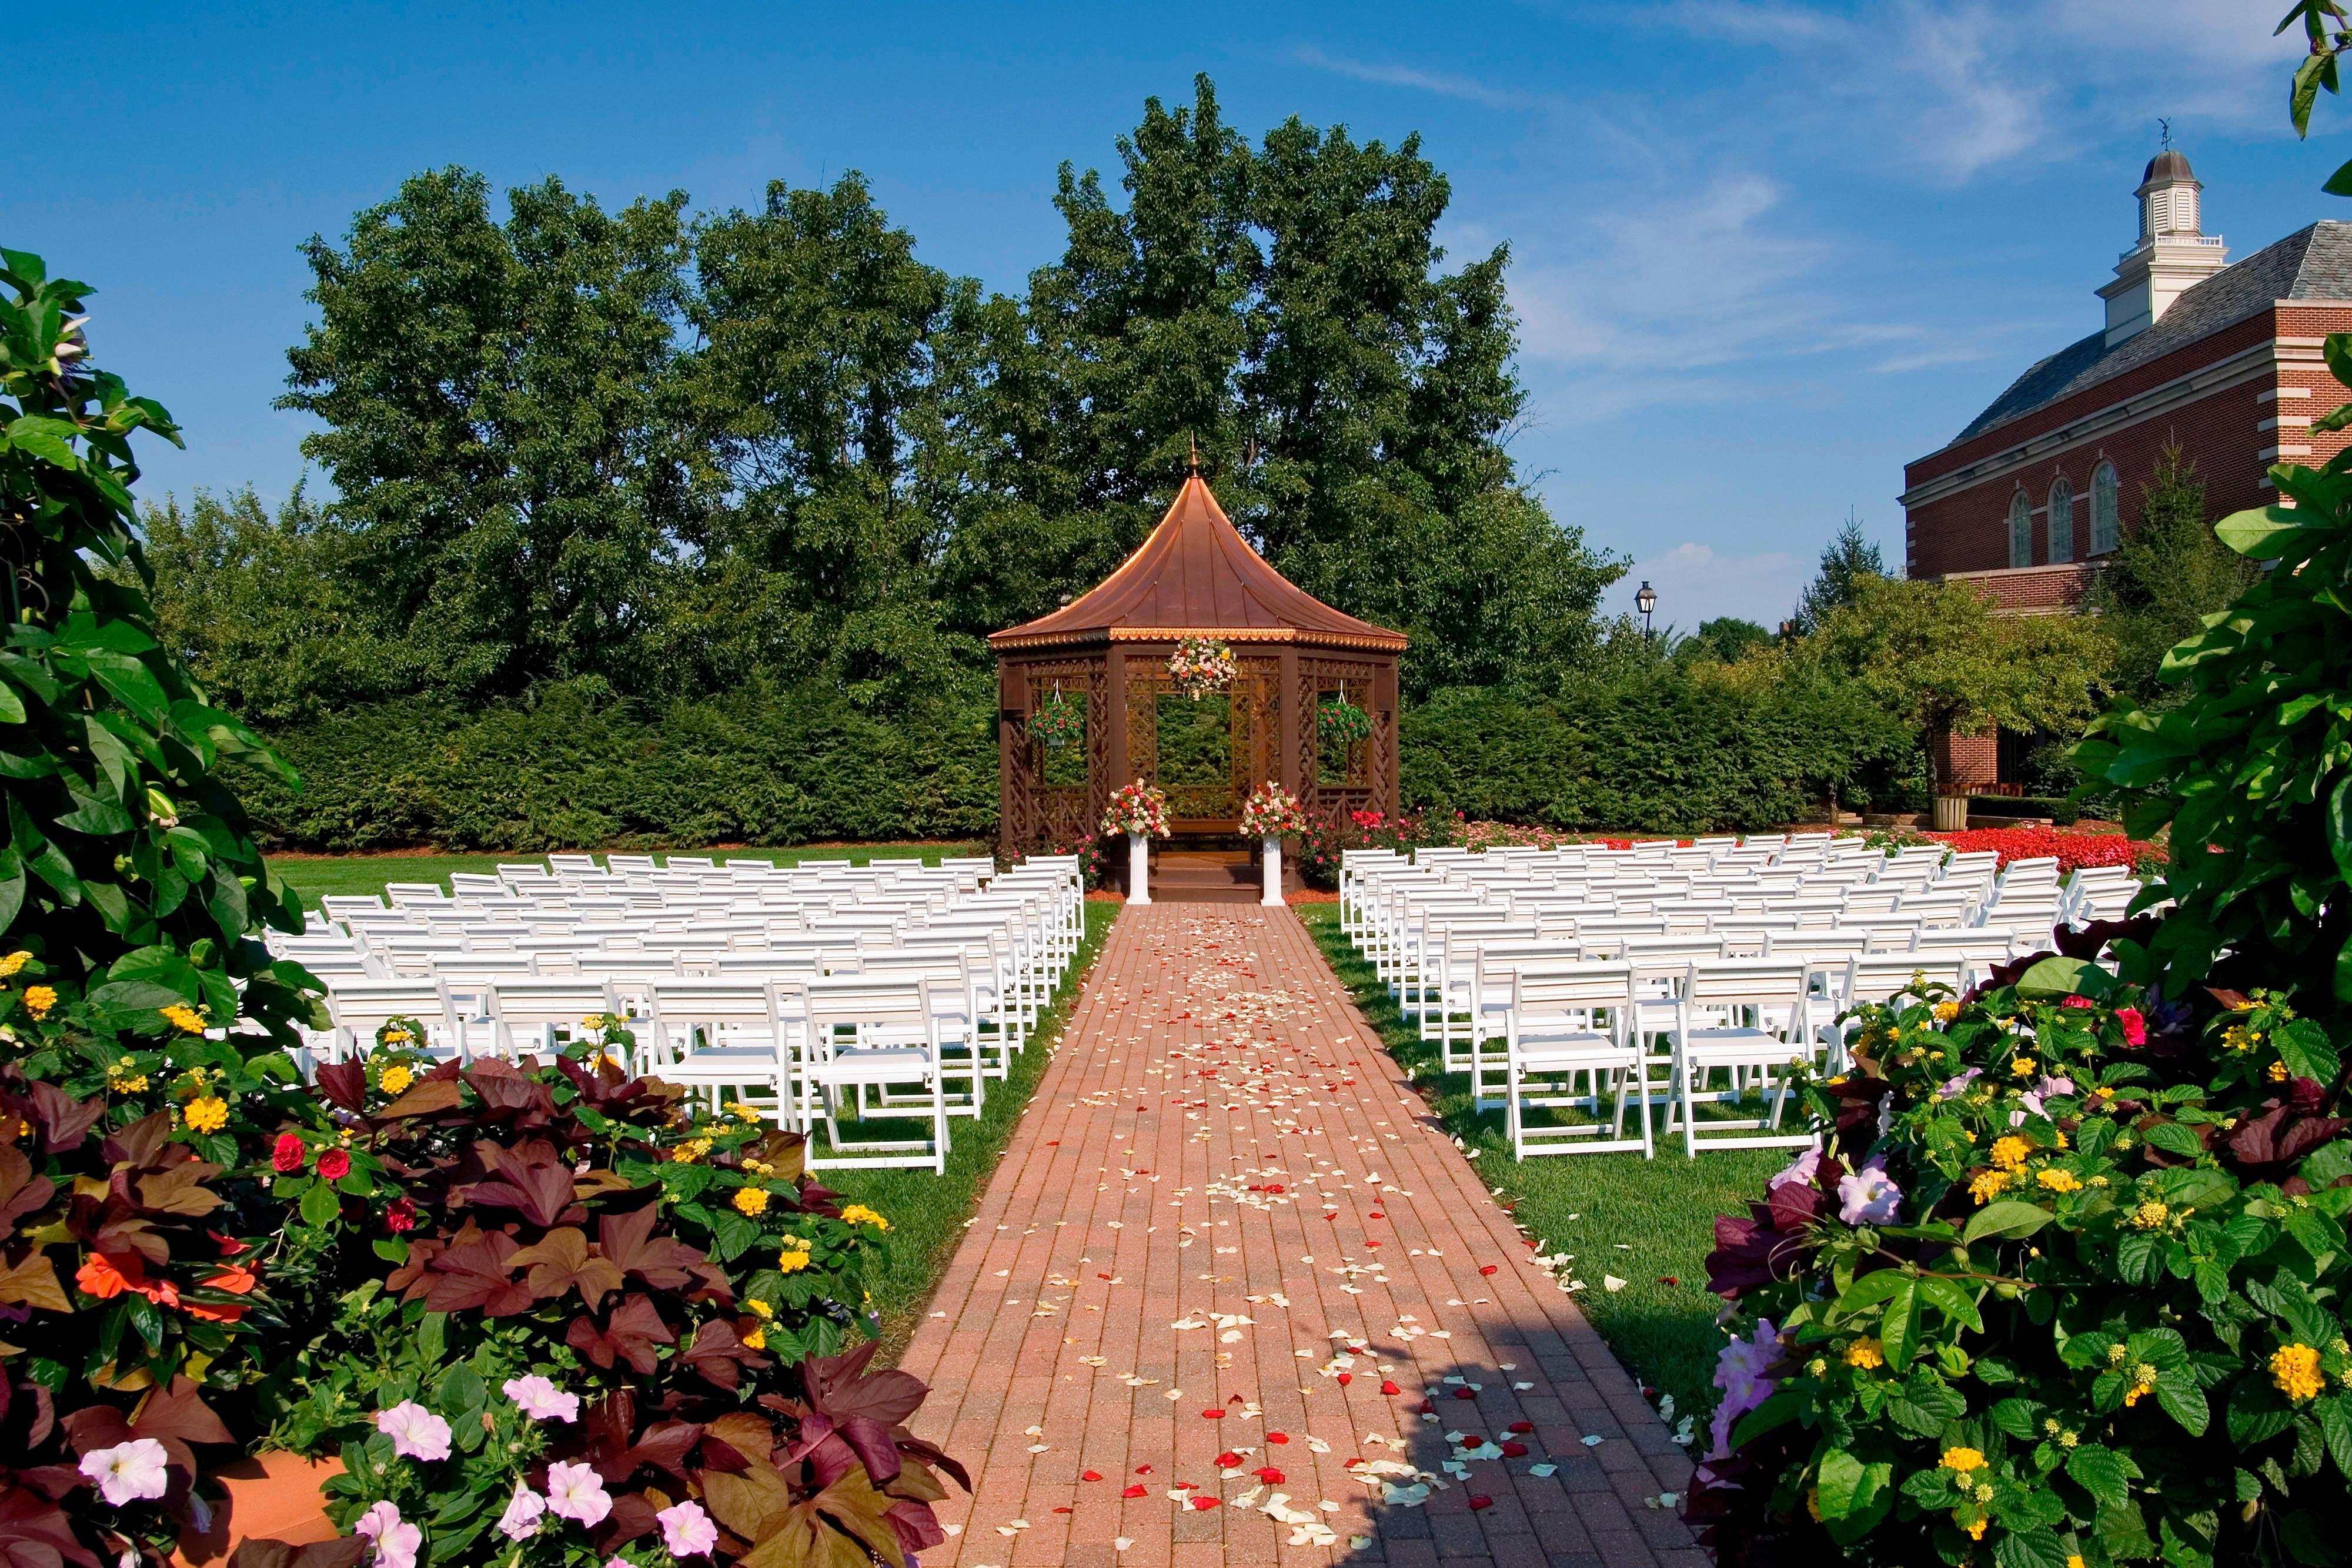 Dearborn Wedding Venues